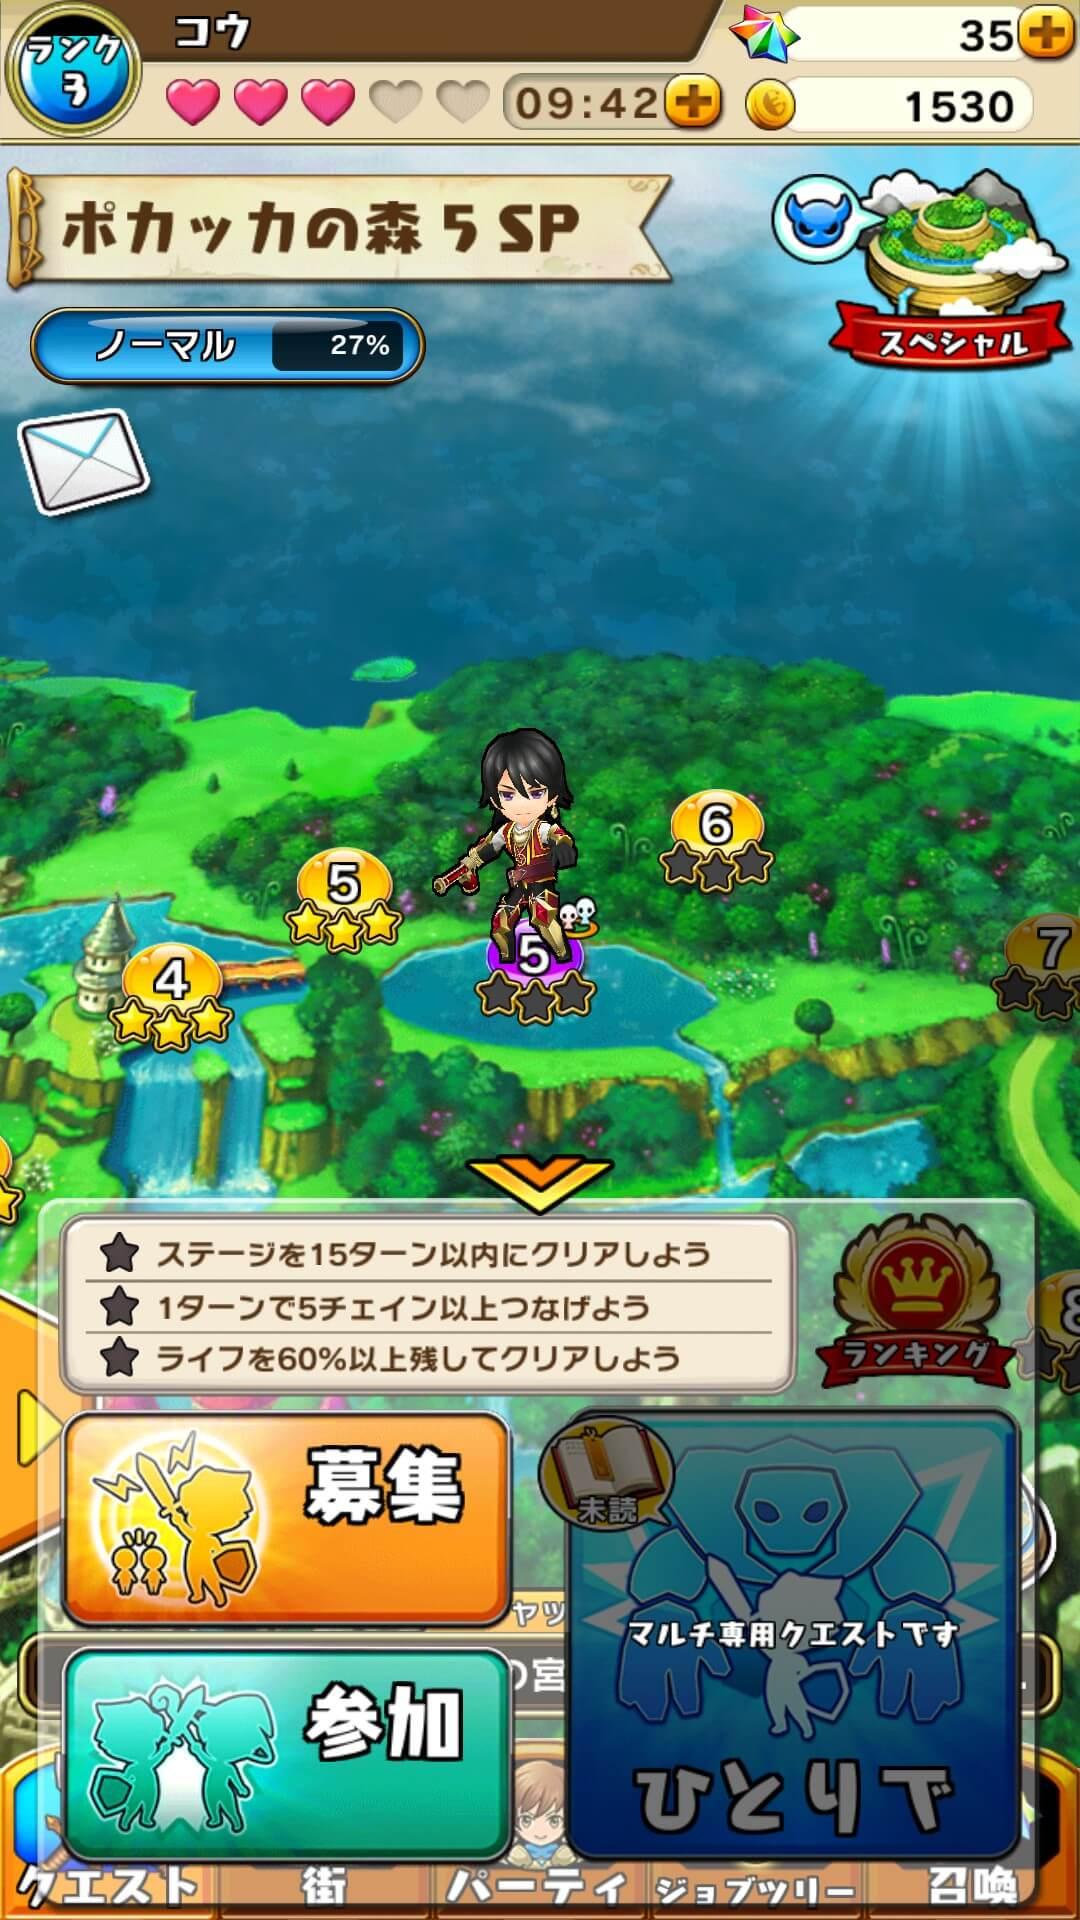 マルチプレイの参加者募集か他のプレイヤーの冒険に参加するか選択する画面です。